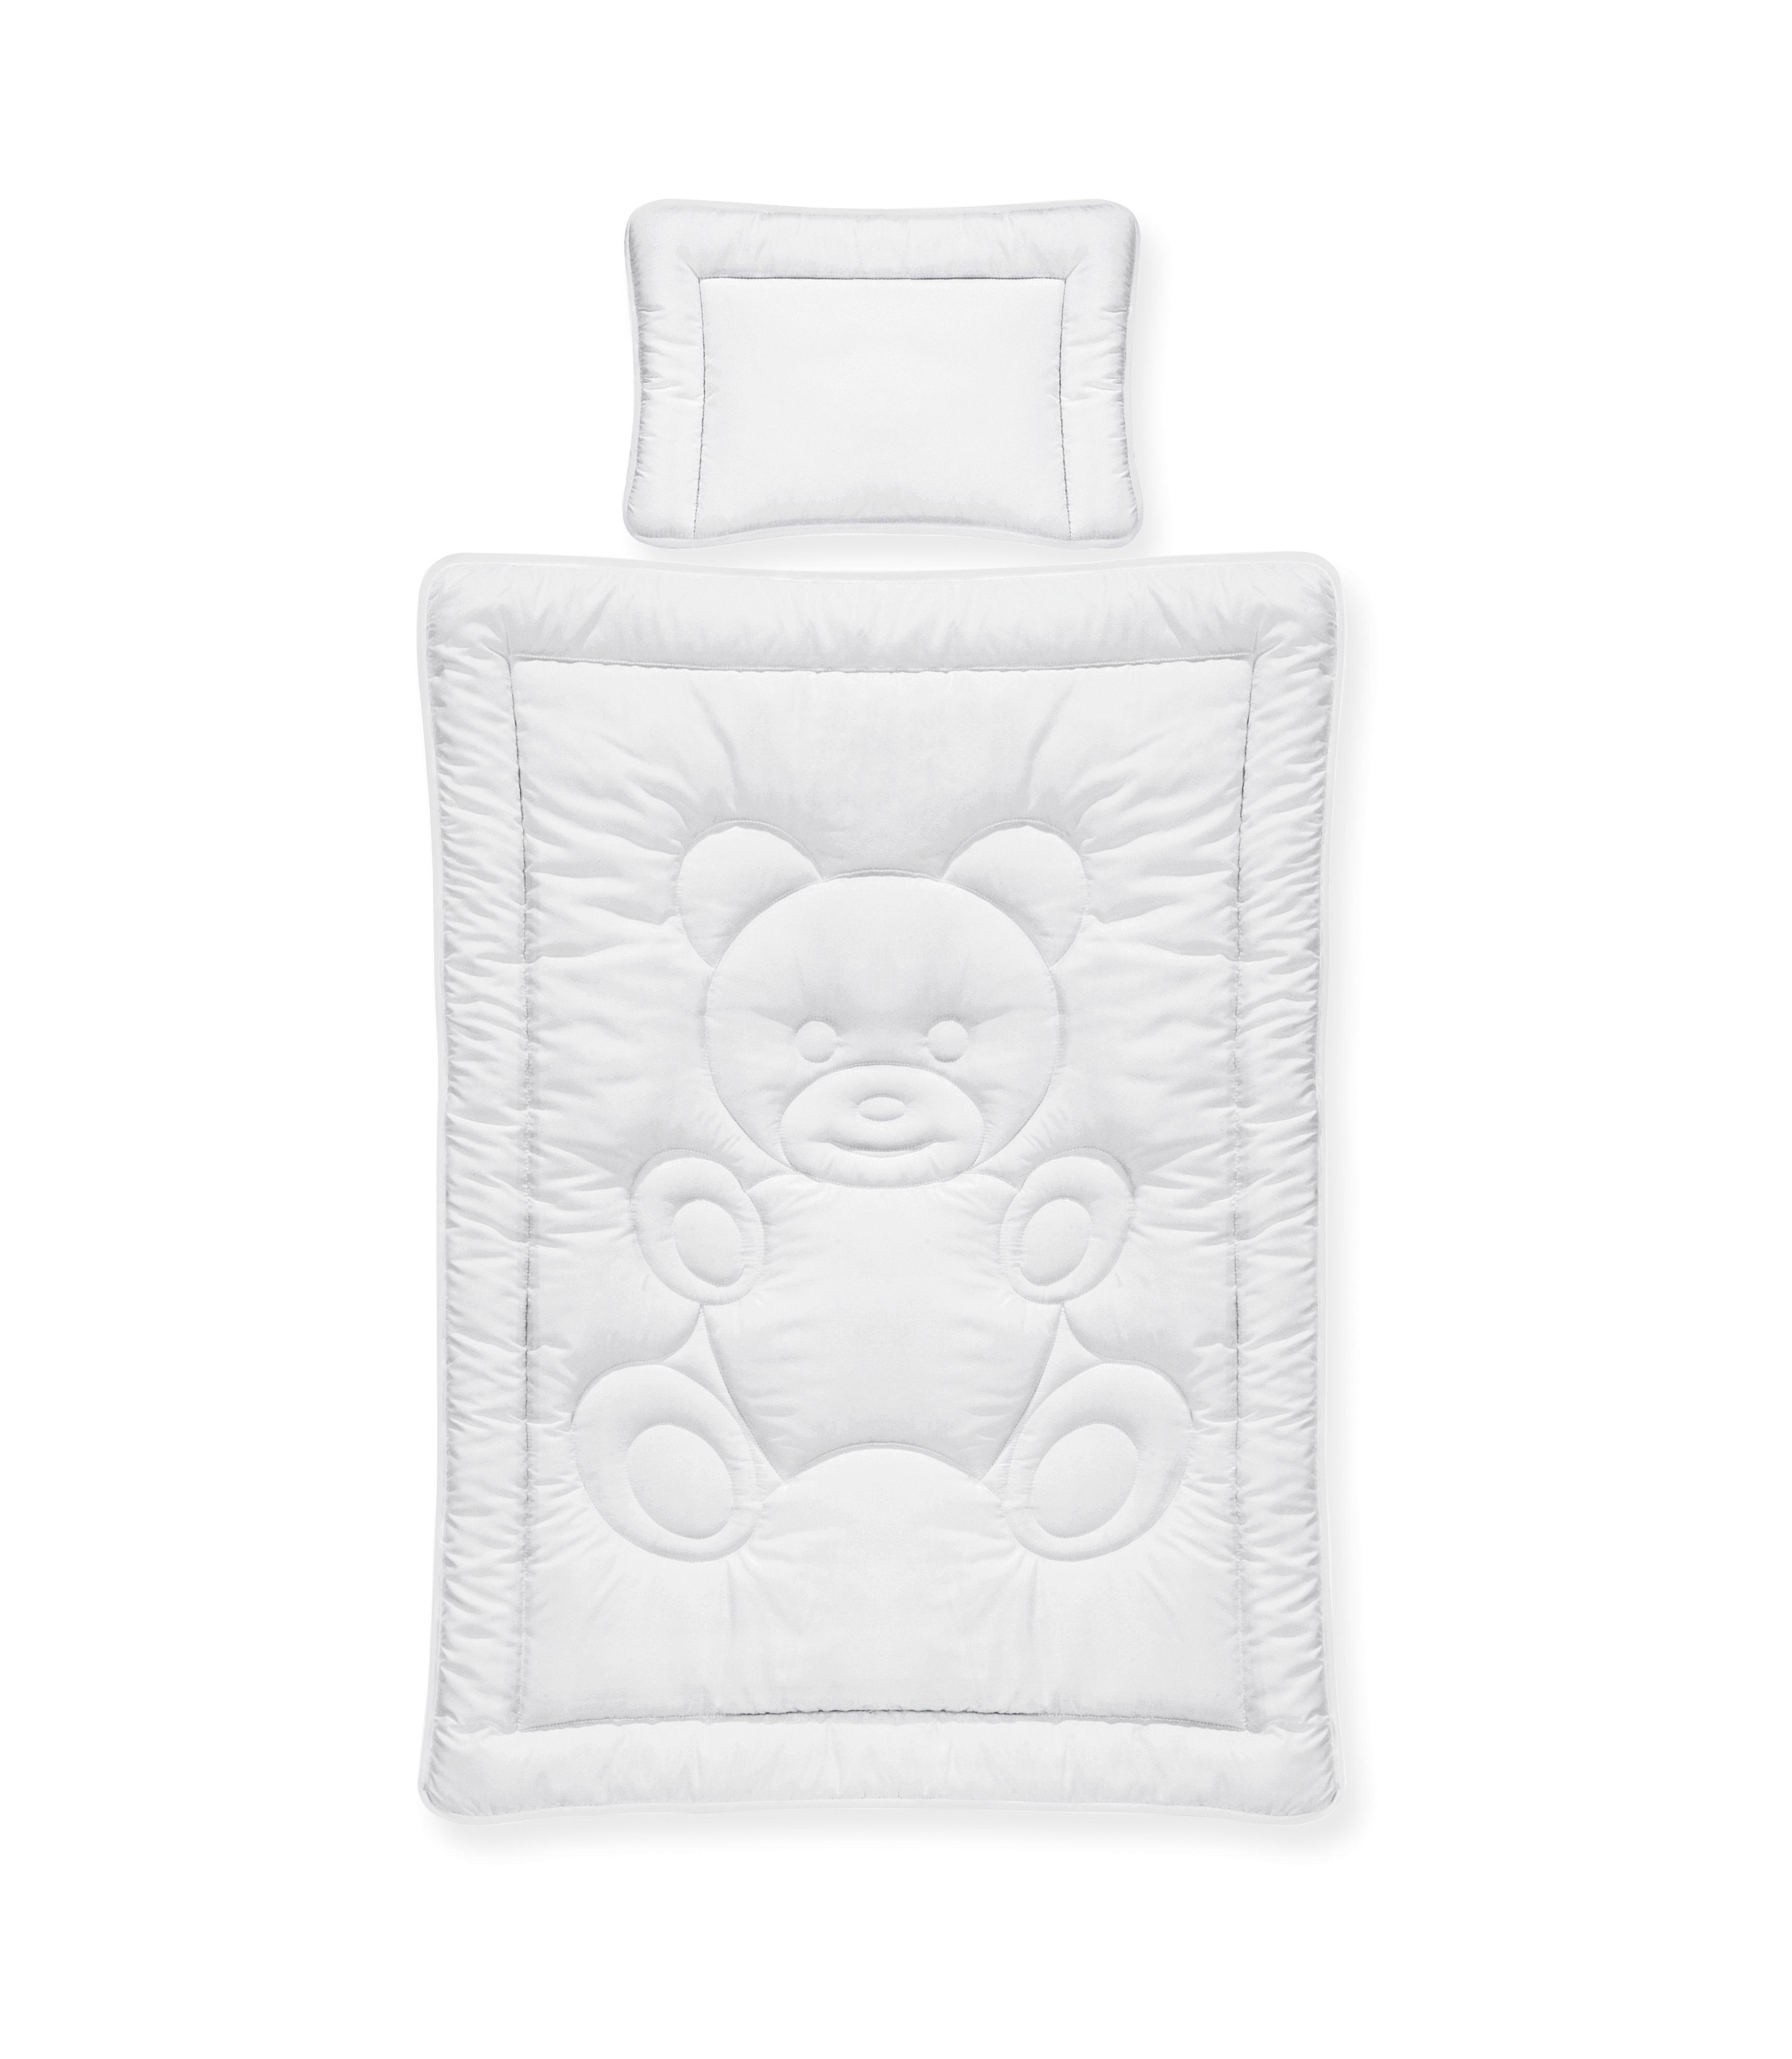 Paplan-párna Szett Teddy - fehér, textil - MÖMAX modern living